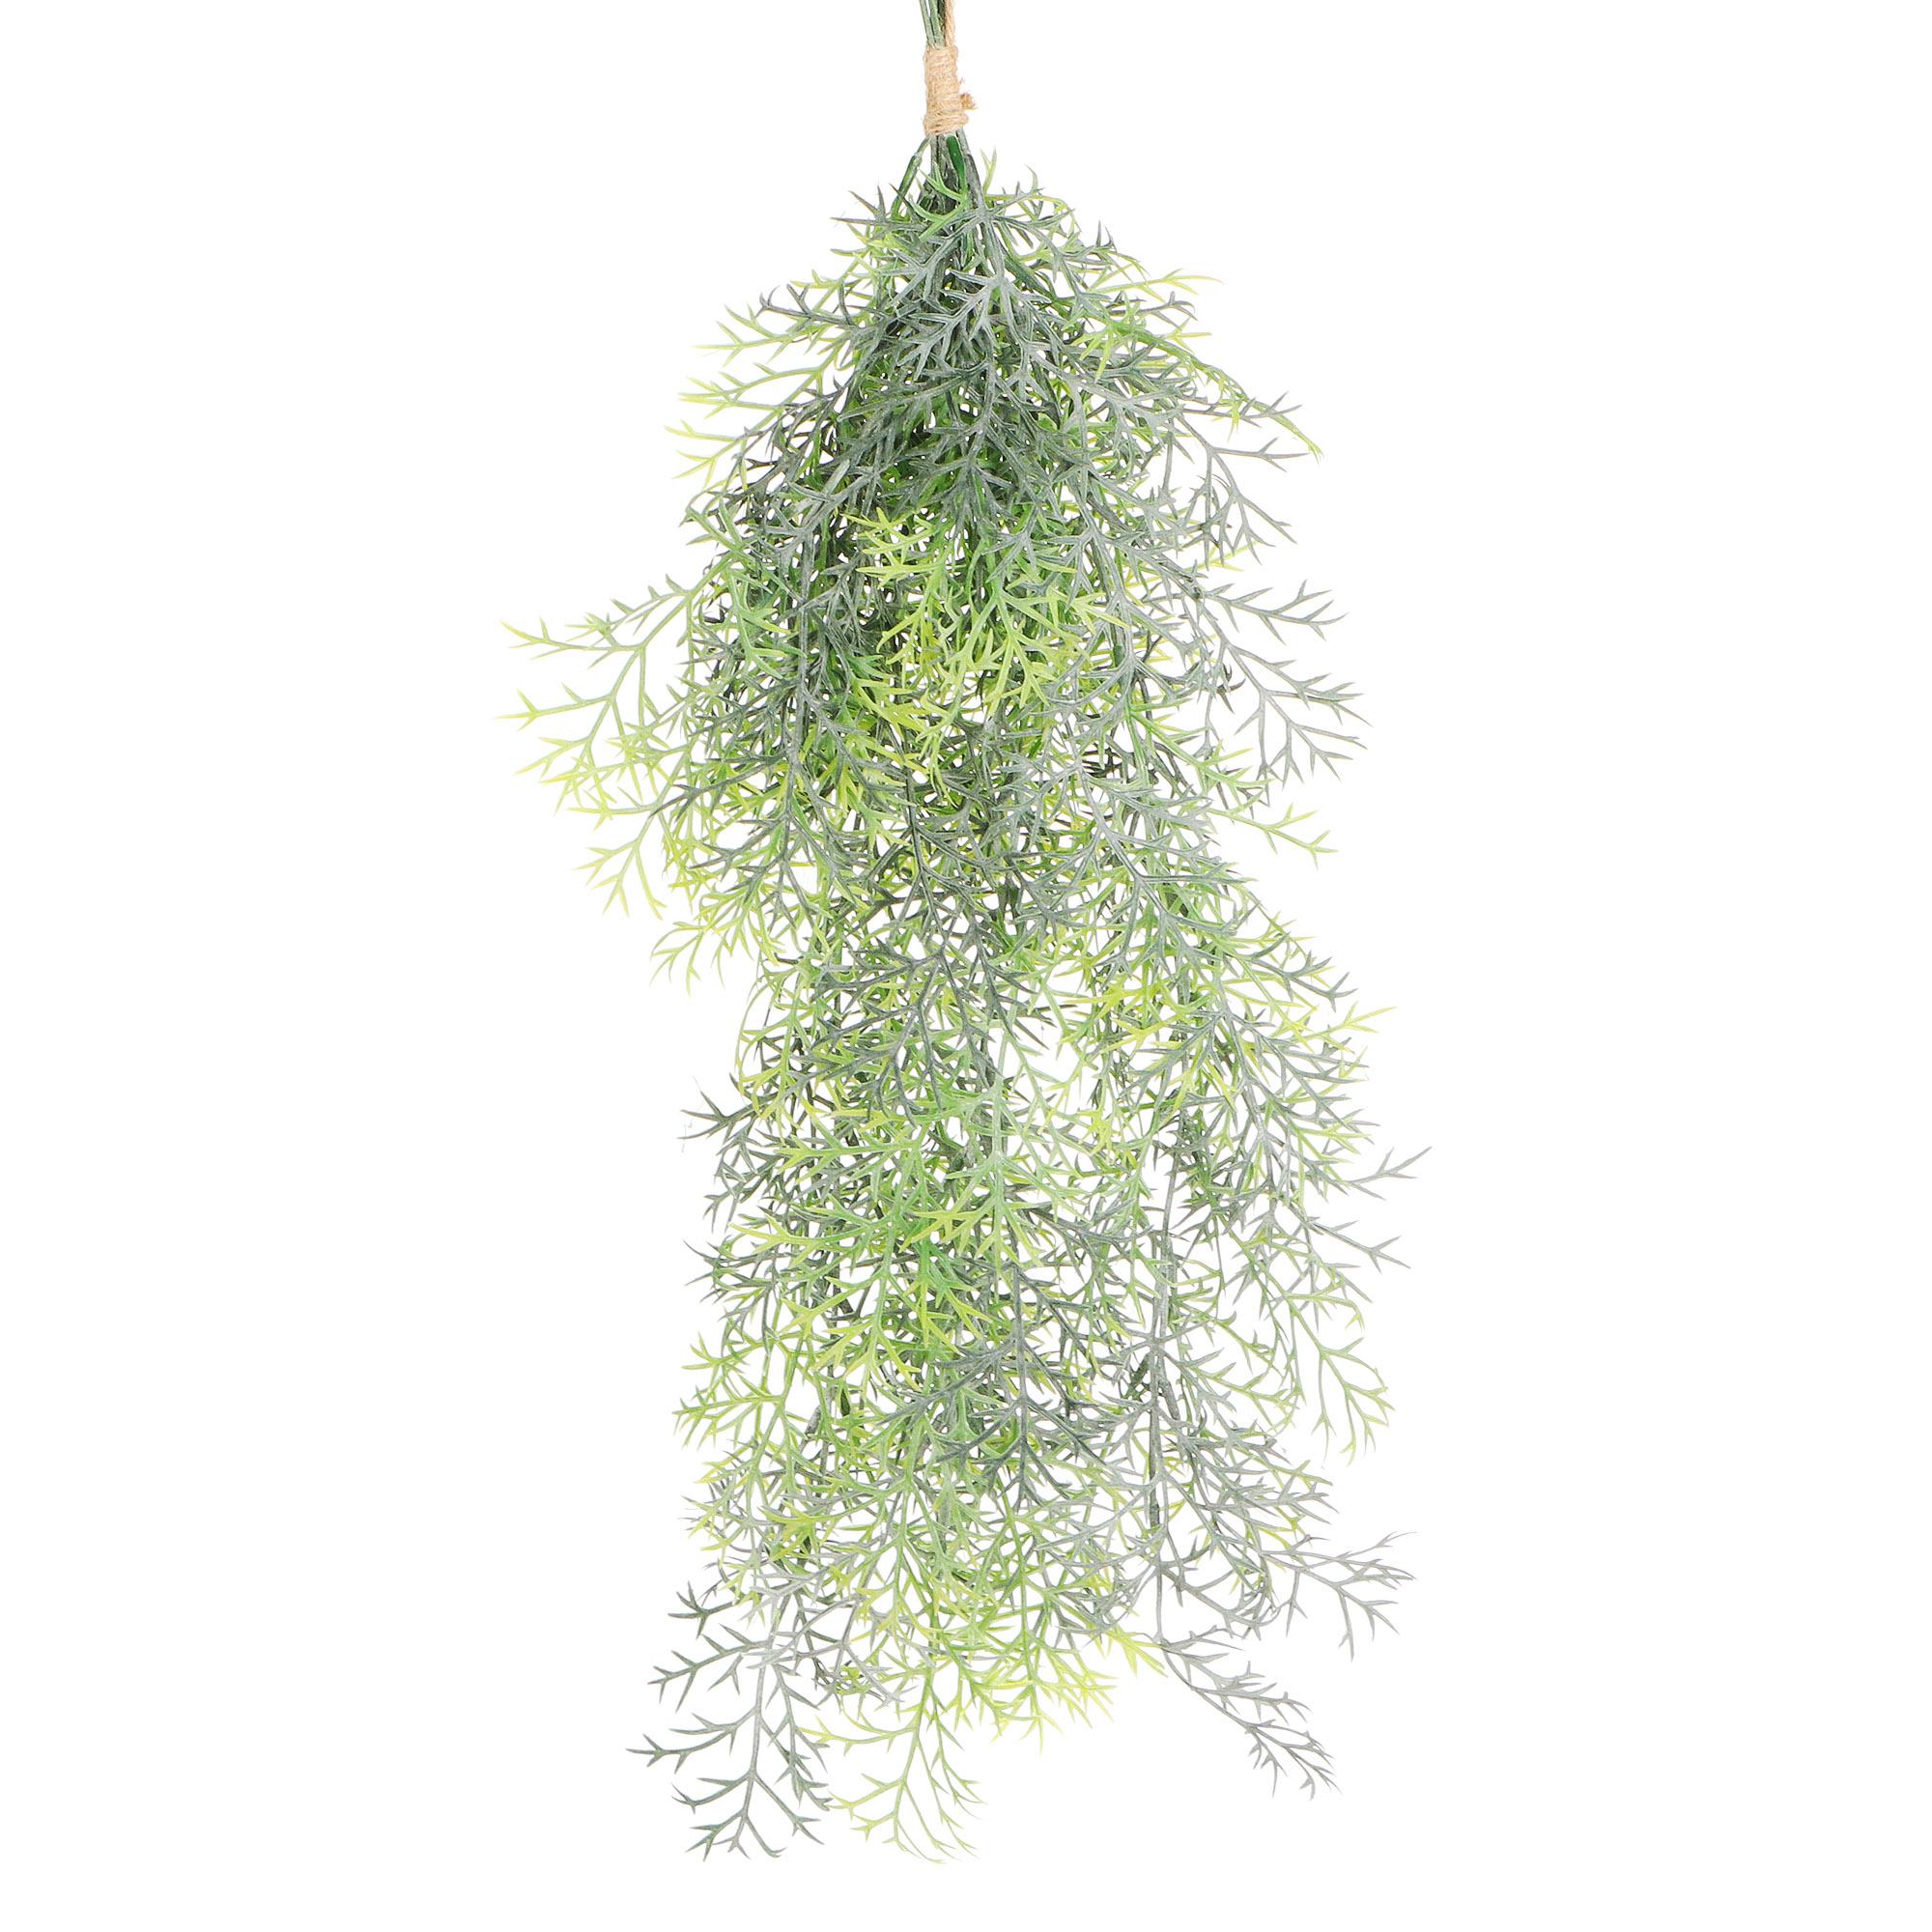 Растение искусственное Конэко-о Аспарагус ампельный 57 см